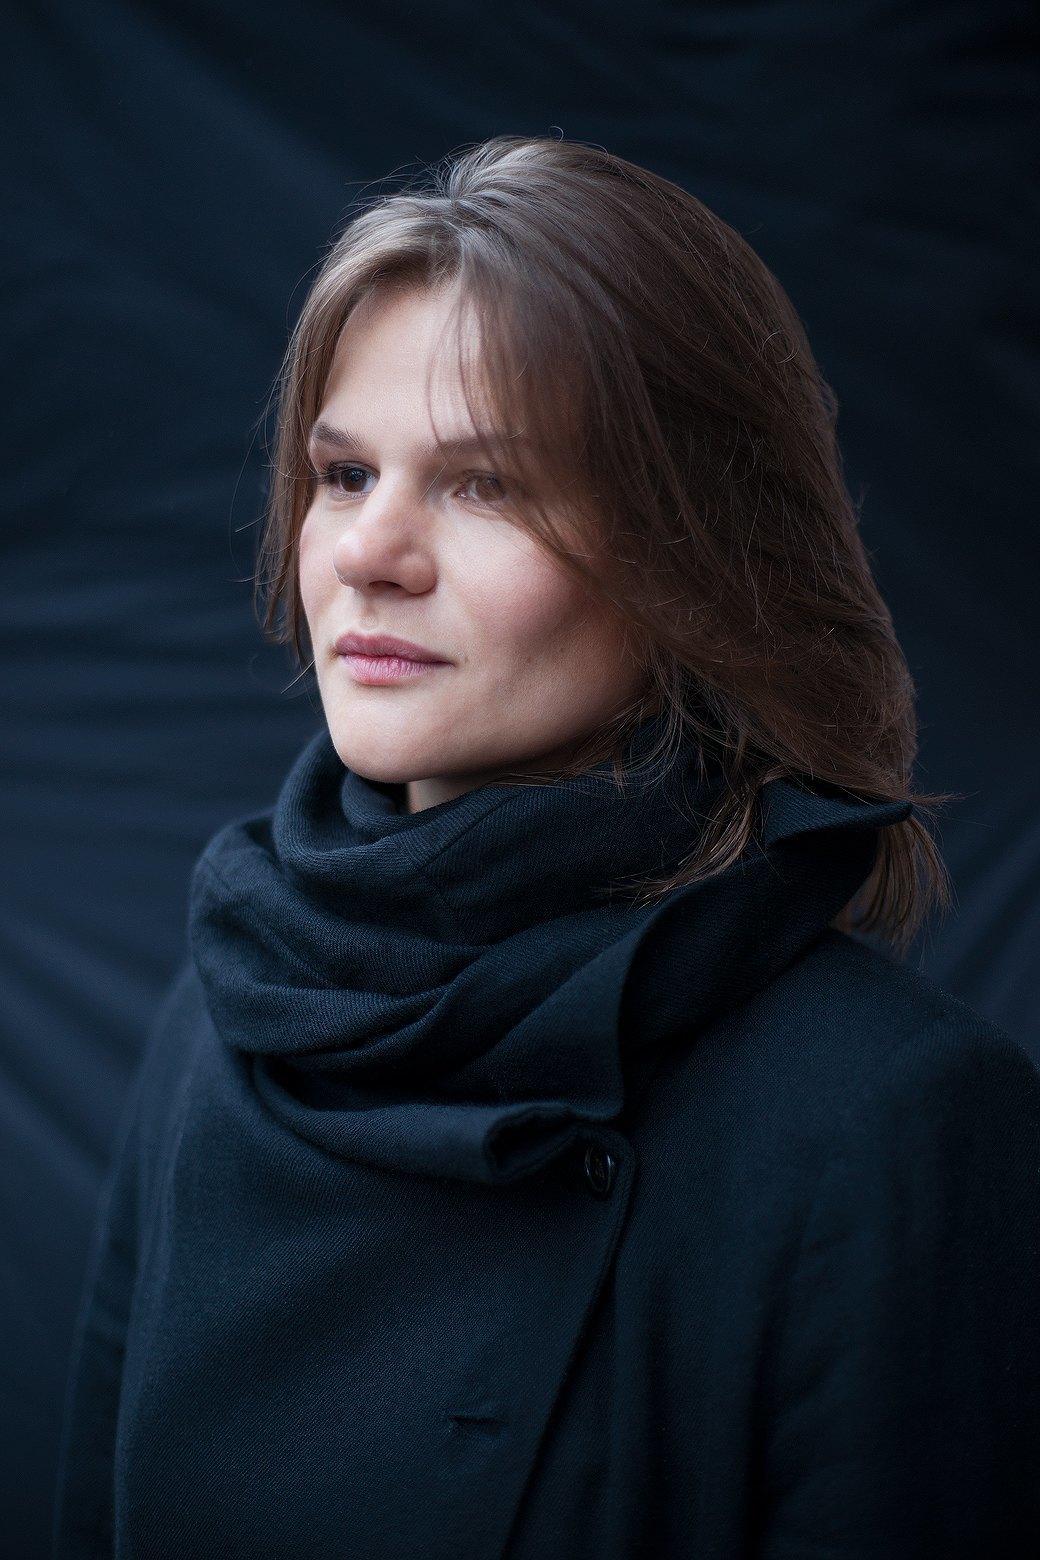 Cоздатель эротического видеожурнала и оператор Сюзанна Мусаева. Изображение № 2.